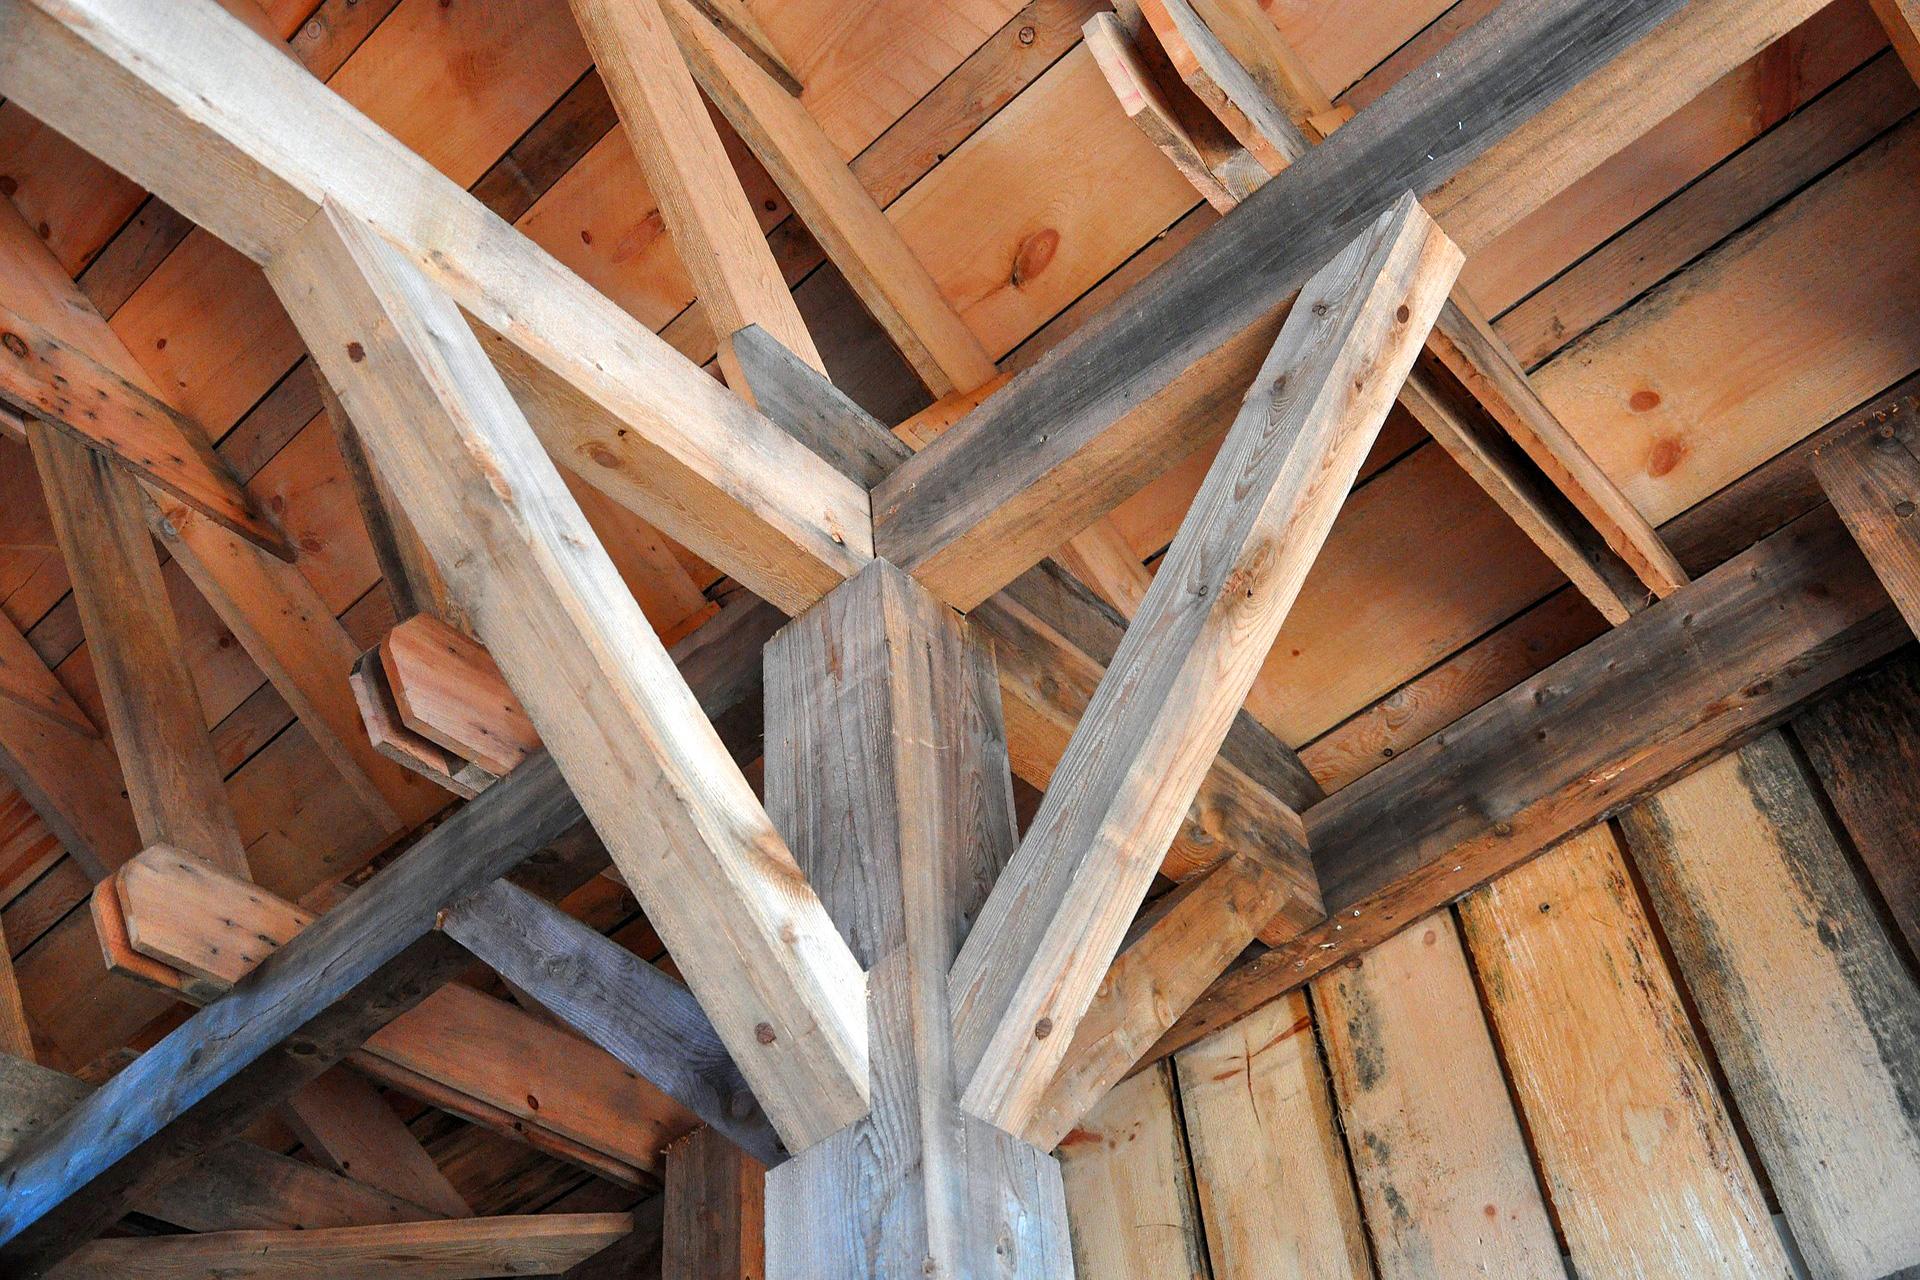 ustandserfassung von Holzkonstruktionen (Präsenzseminar / Online-Seminar) - Foto: Mark Martins / Pixabay